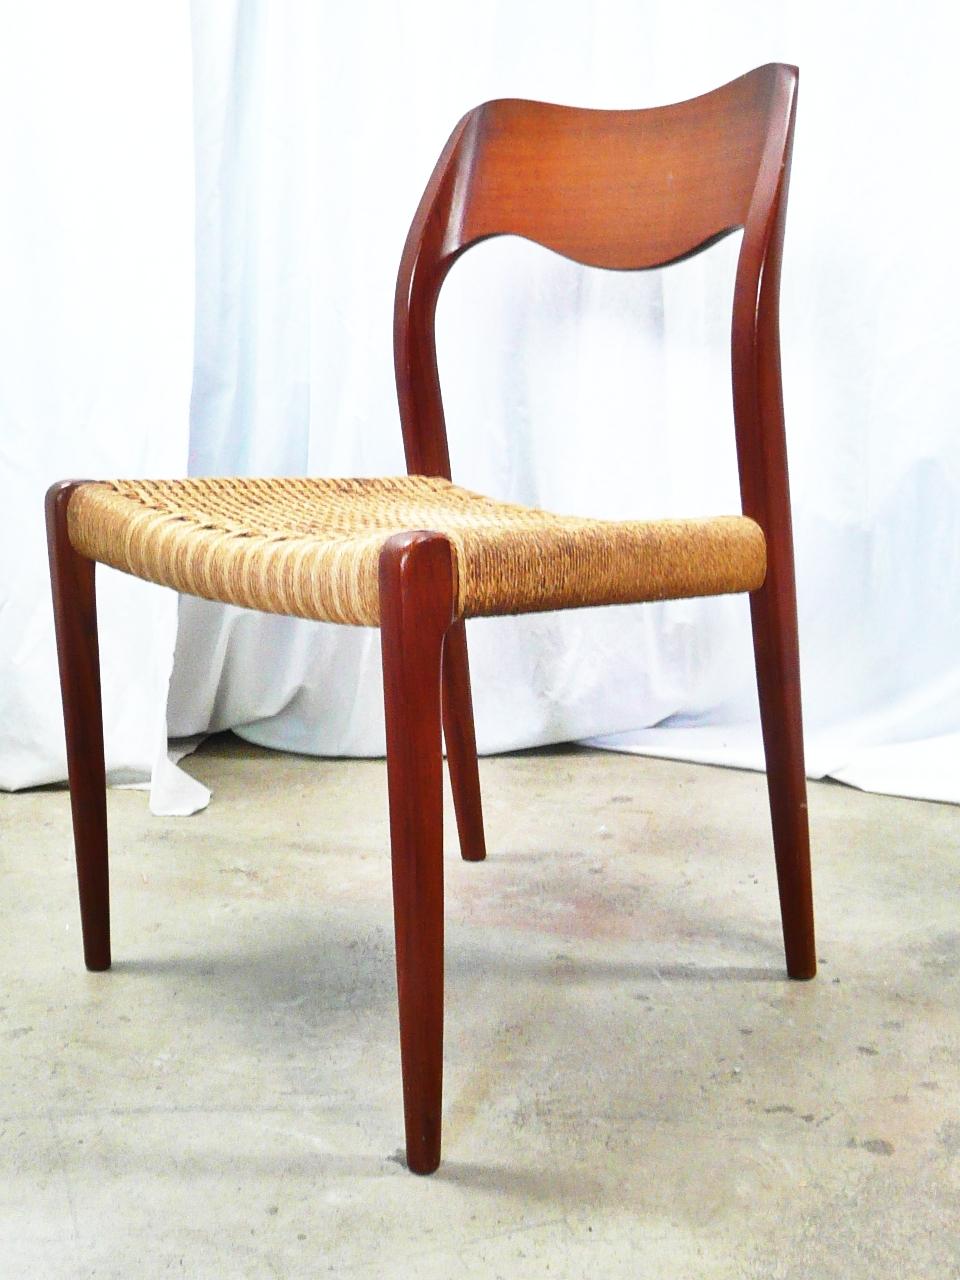 modern mid century danish vintage furniture shop used restoration repair denver. Black Bedroom Furniture Sets. Home Design Ideas